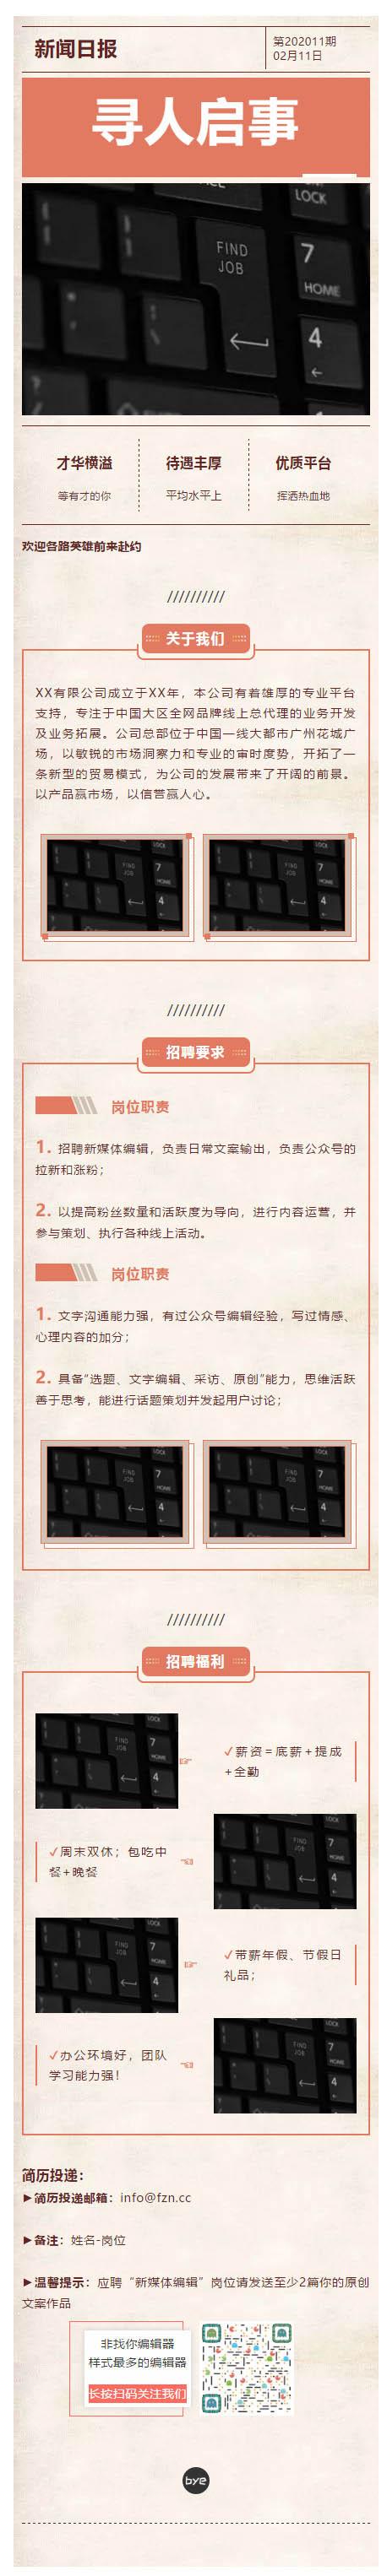 新媒体小编寻人启事公司企业招聘微信公众号模板推送图文素材